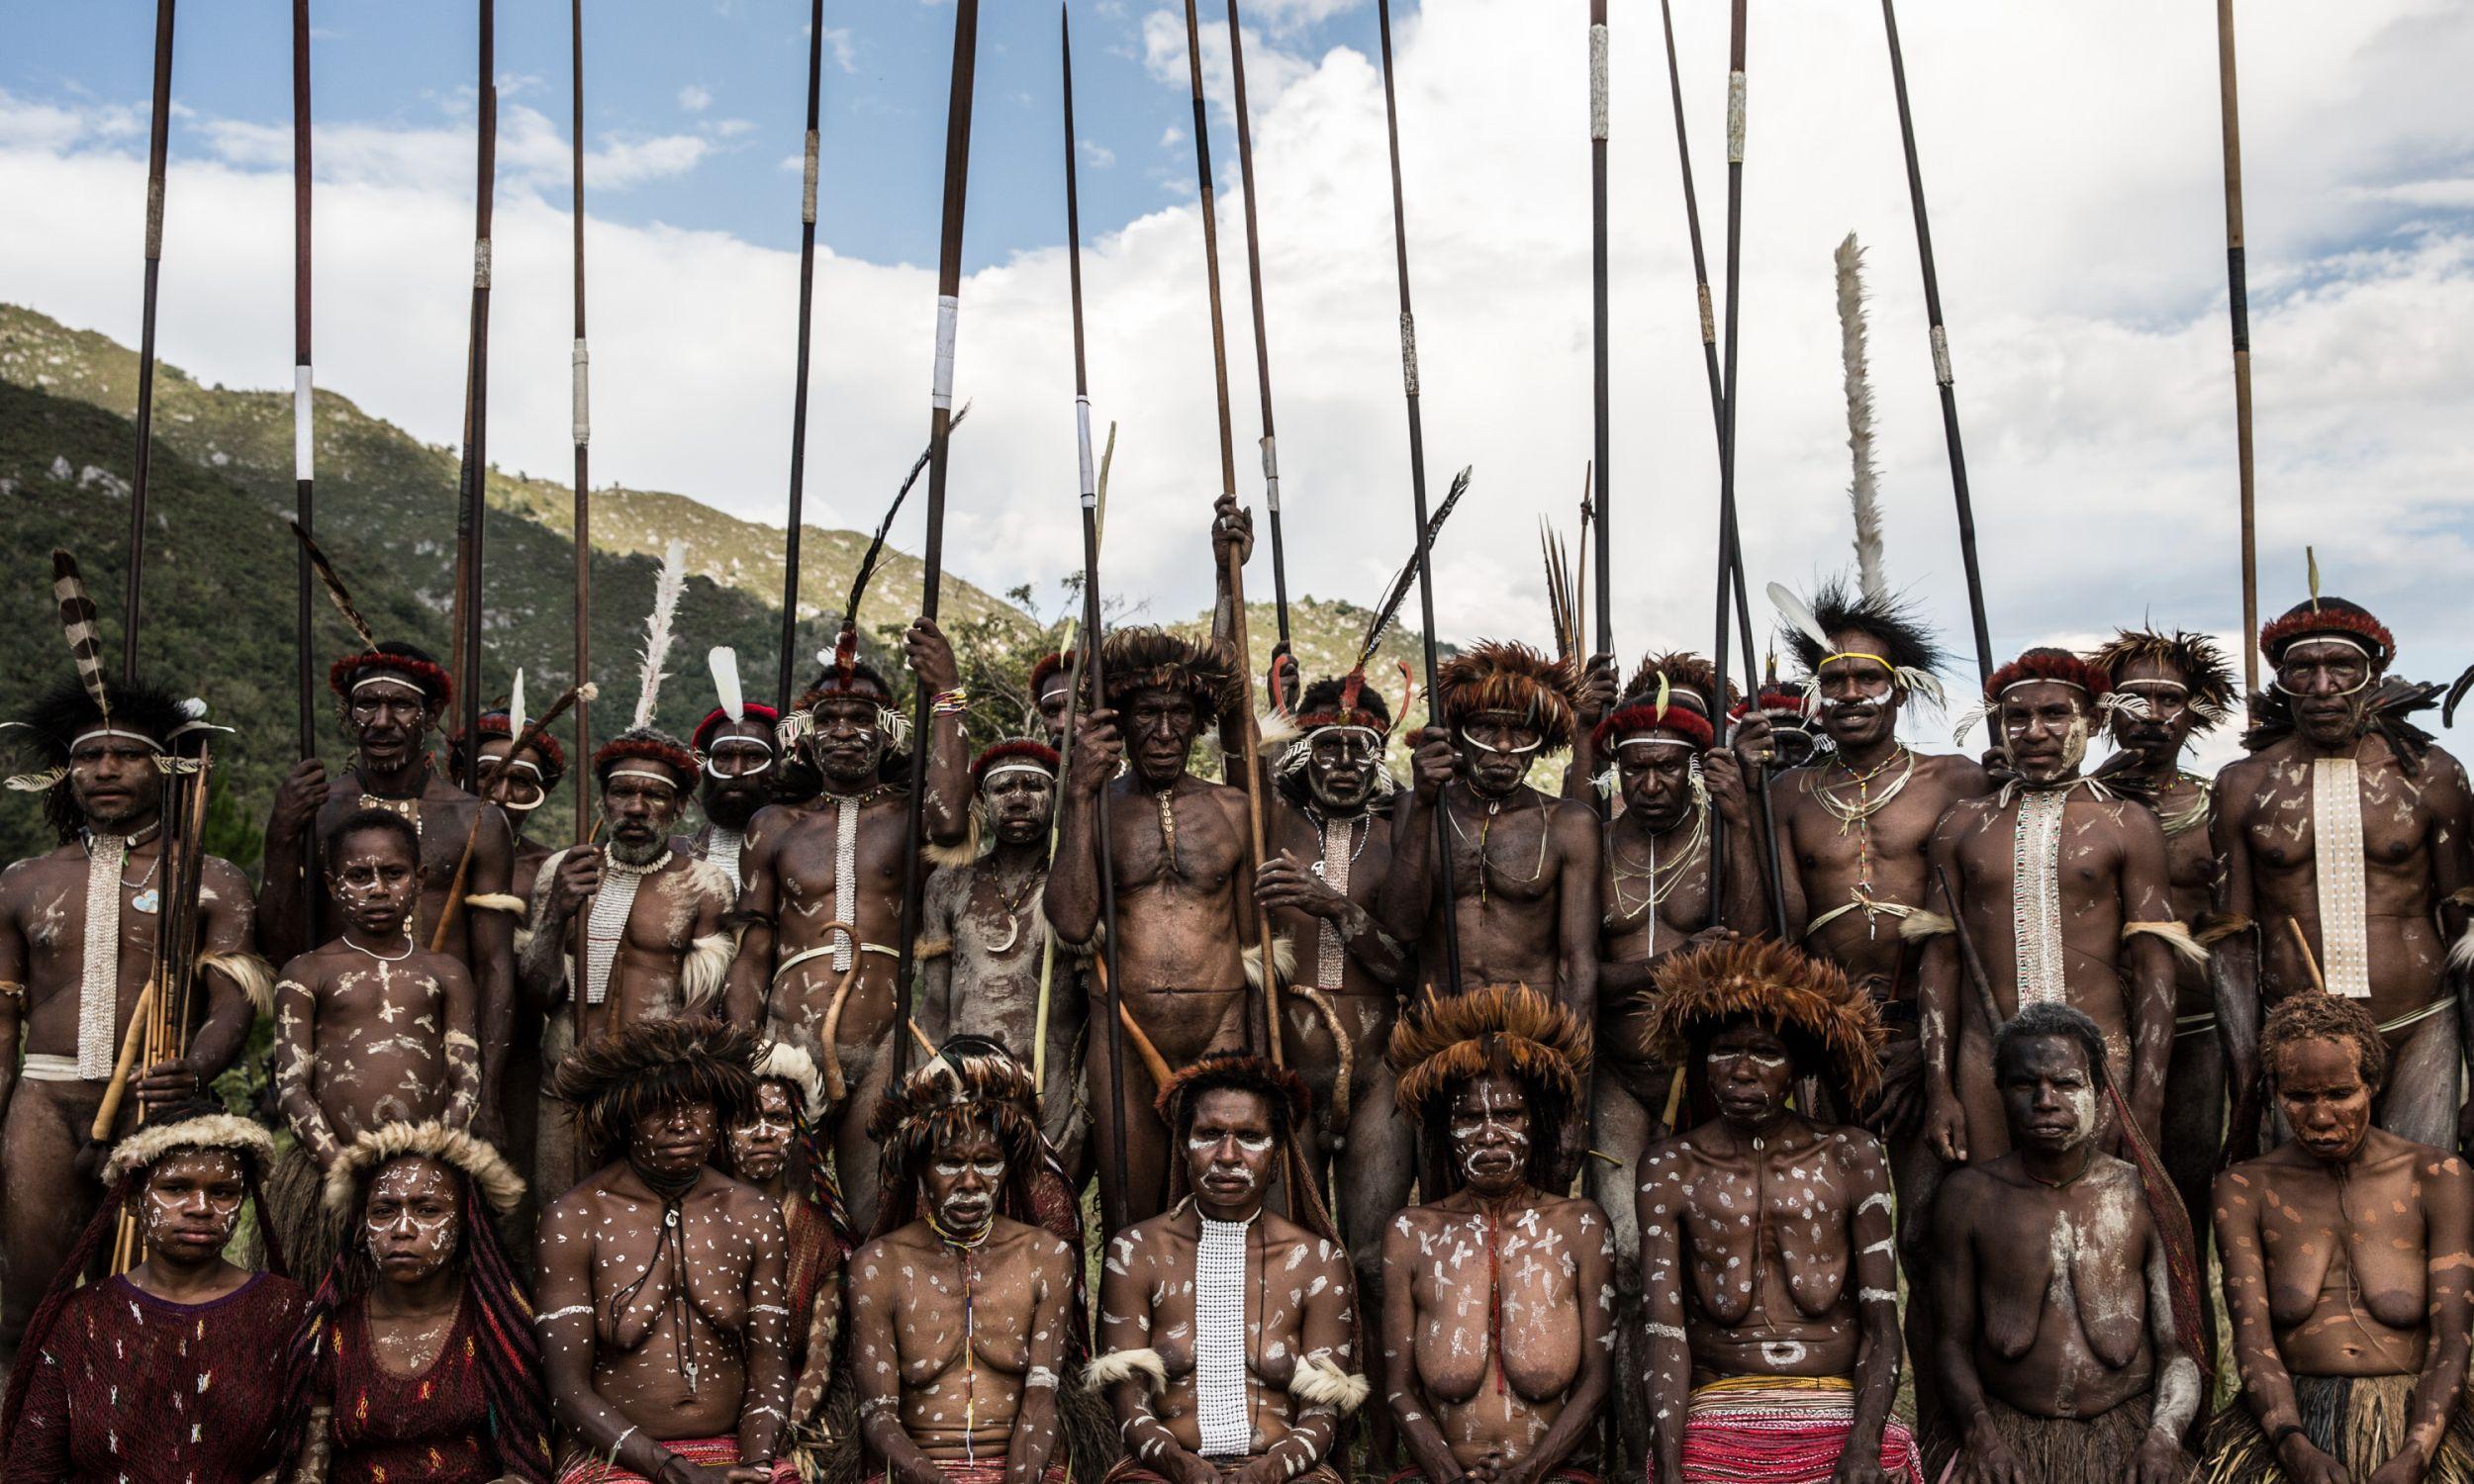 Plemiona z Papui podczas 25 Festiwalu Kultury Doliny Baliem w sierpniu 2014 r. W Dolinie mieszkają trzy plemiona Papuasów: Dani, Lani i Yali. Podczas festiwalu odgrywają sceny bitew, wykonują tradycyjną muzykę i tańczą. Fot. Agung Parameswara / Getty Images